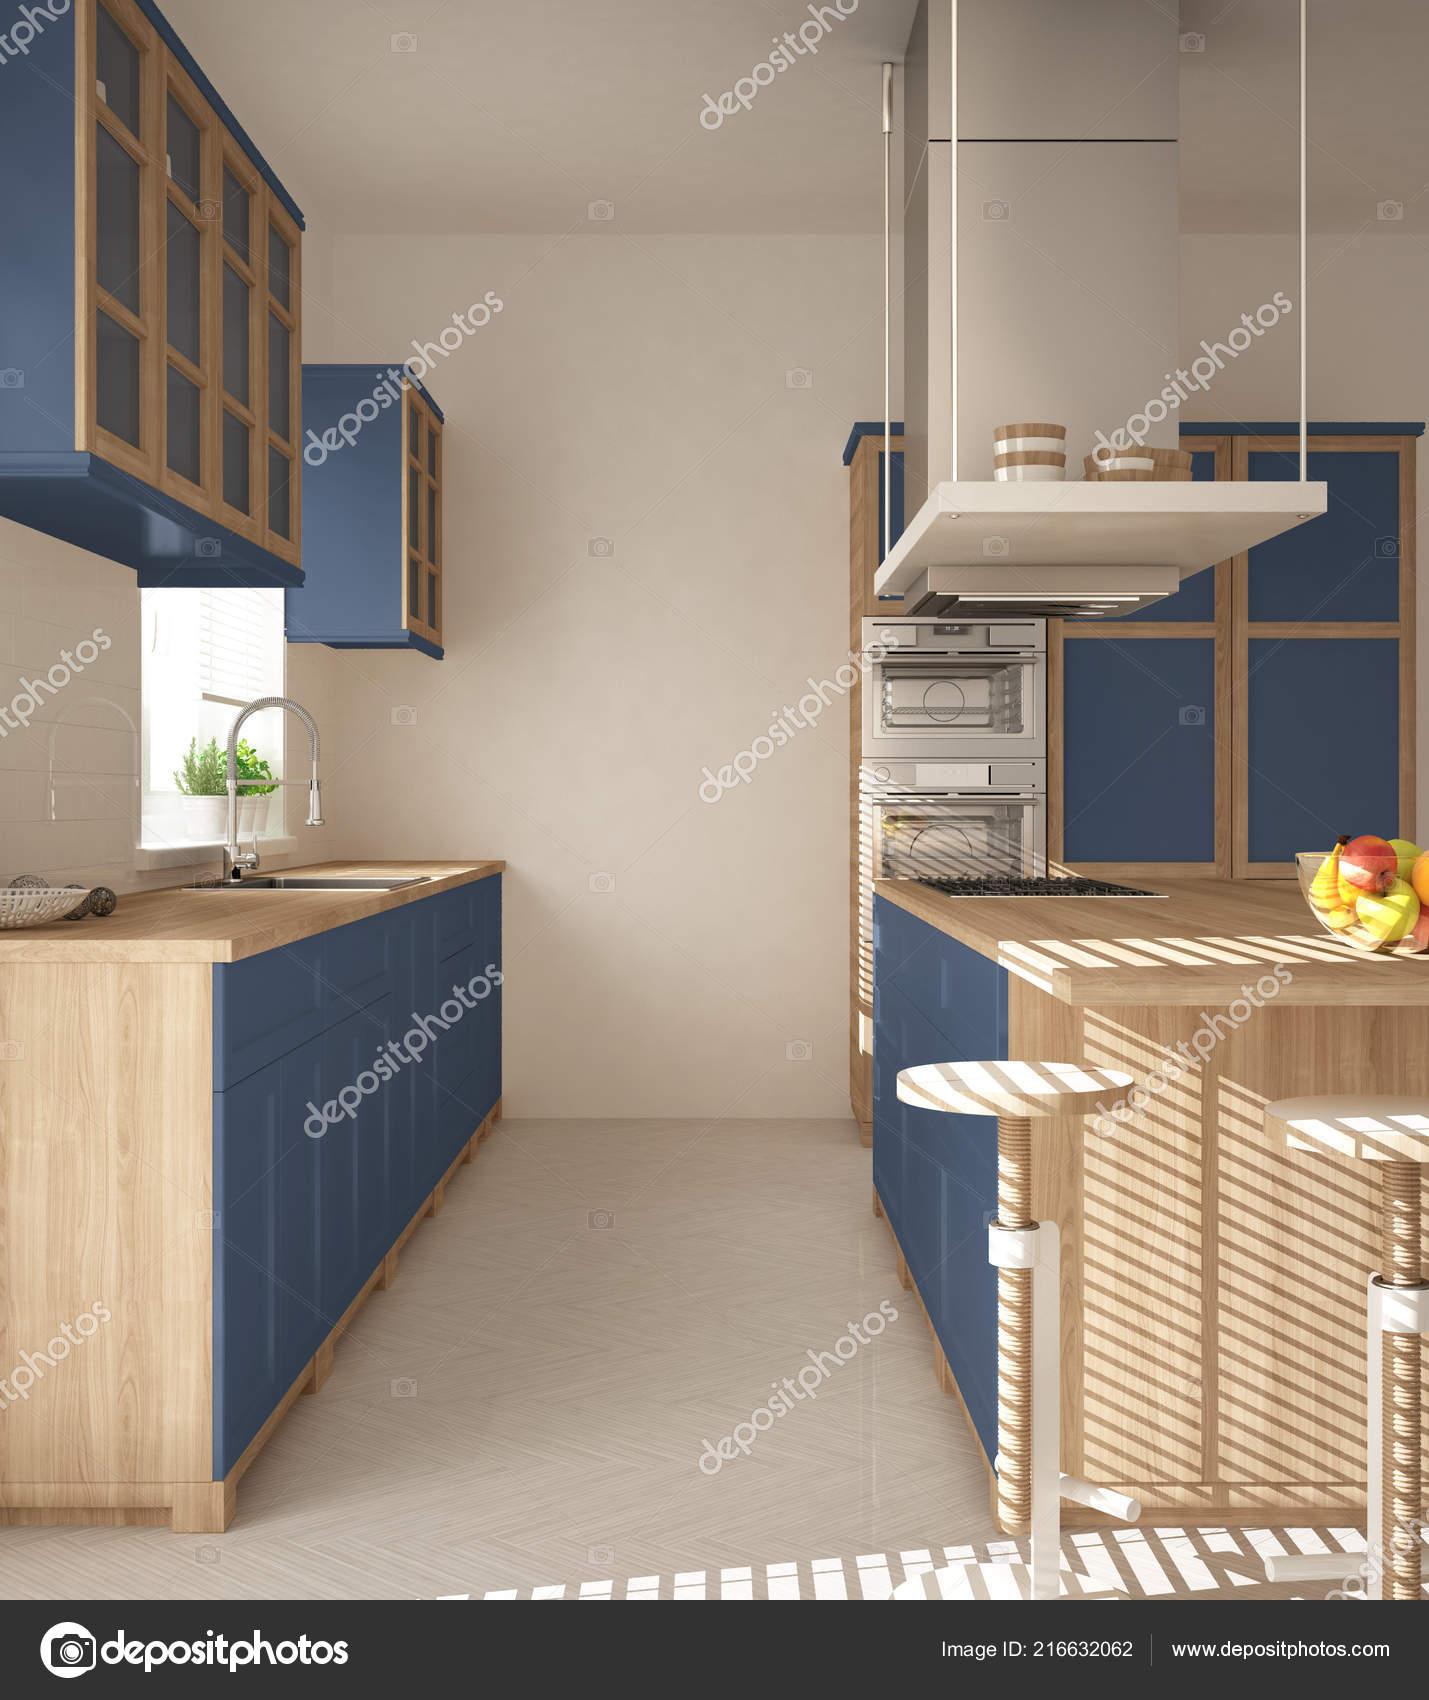 Moderne Holz Und Blaue Küche Mit Insel Hocker Und Windows ...